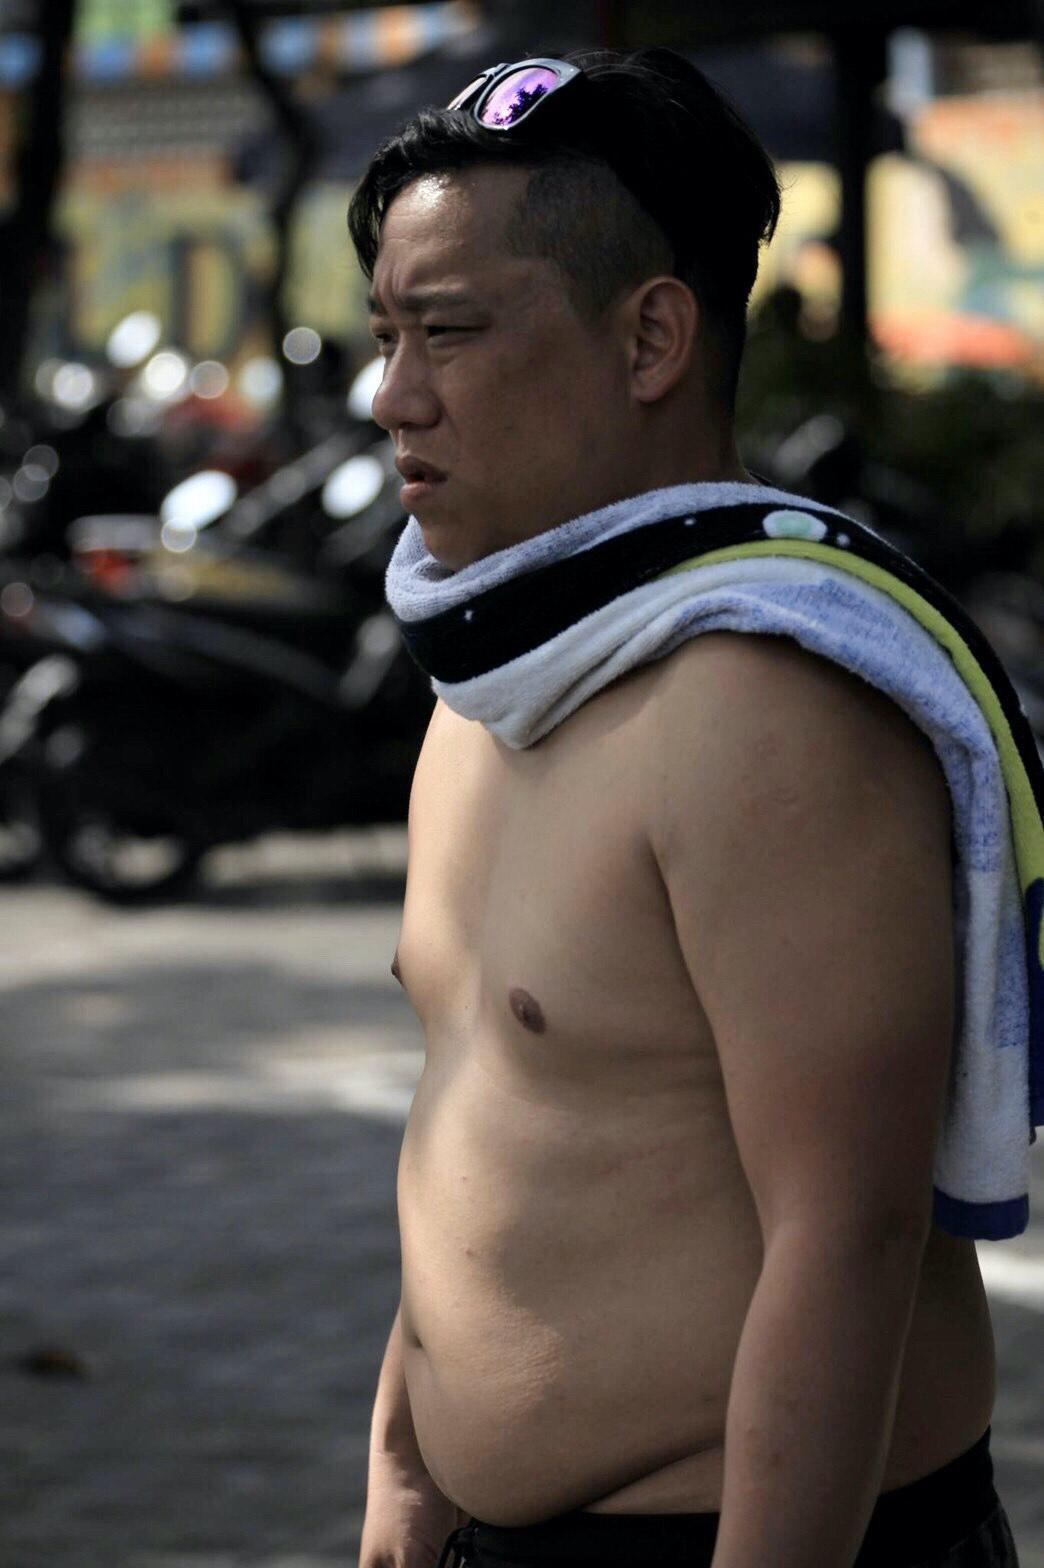 減重前的阿龐無法彎下腰綁鞋帶,肚子會卡住。(RIZAP提供)